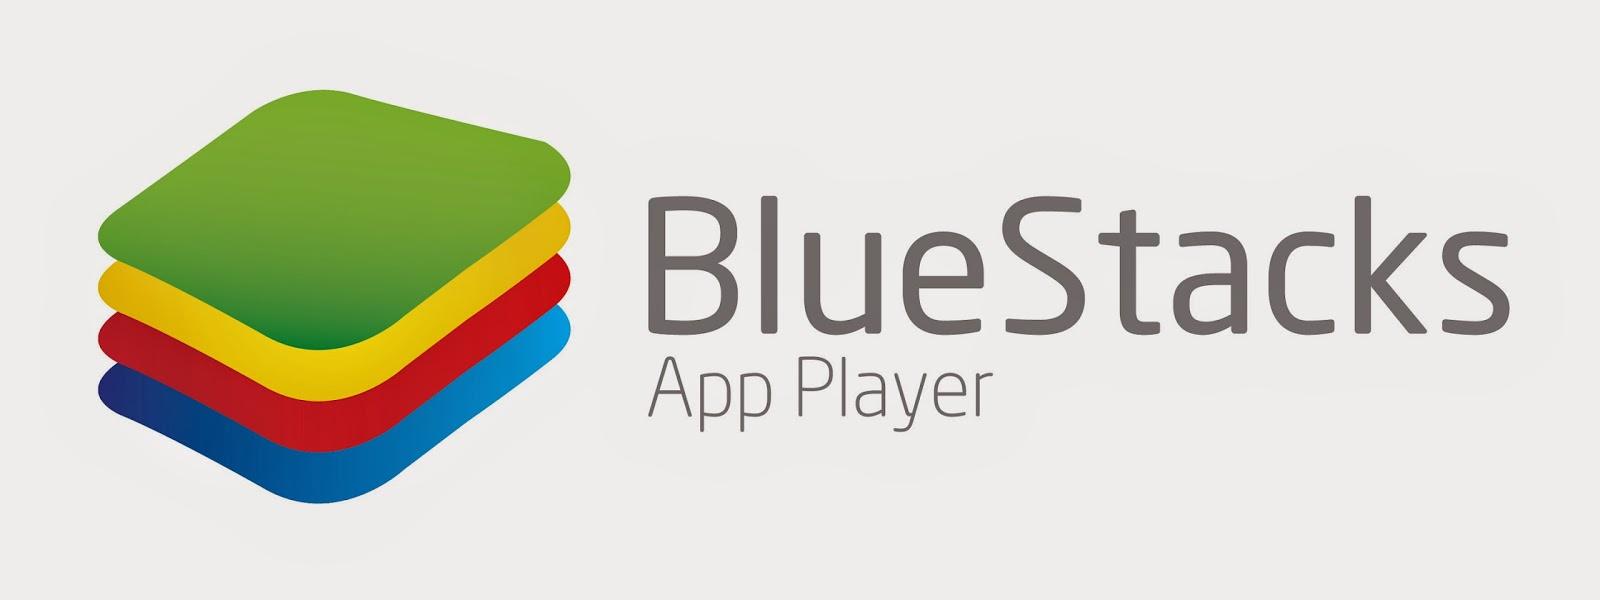 Pengertian Bluestack dan Syarat Menggunakan Bluestack